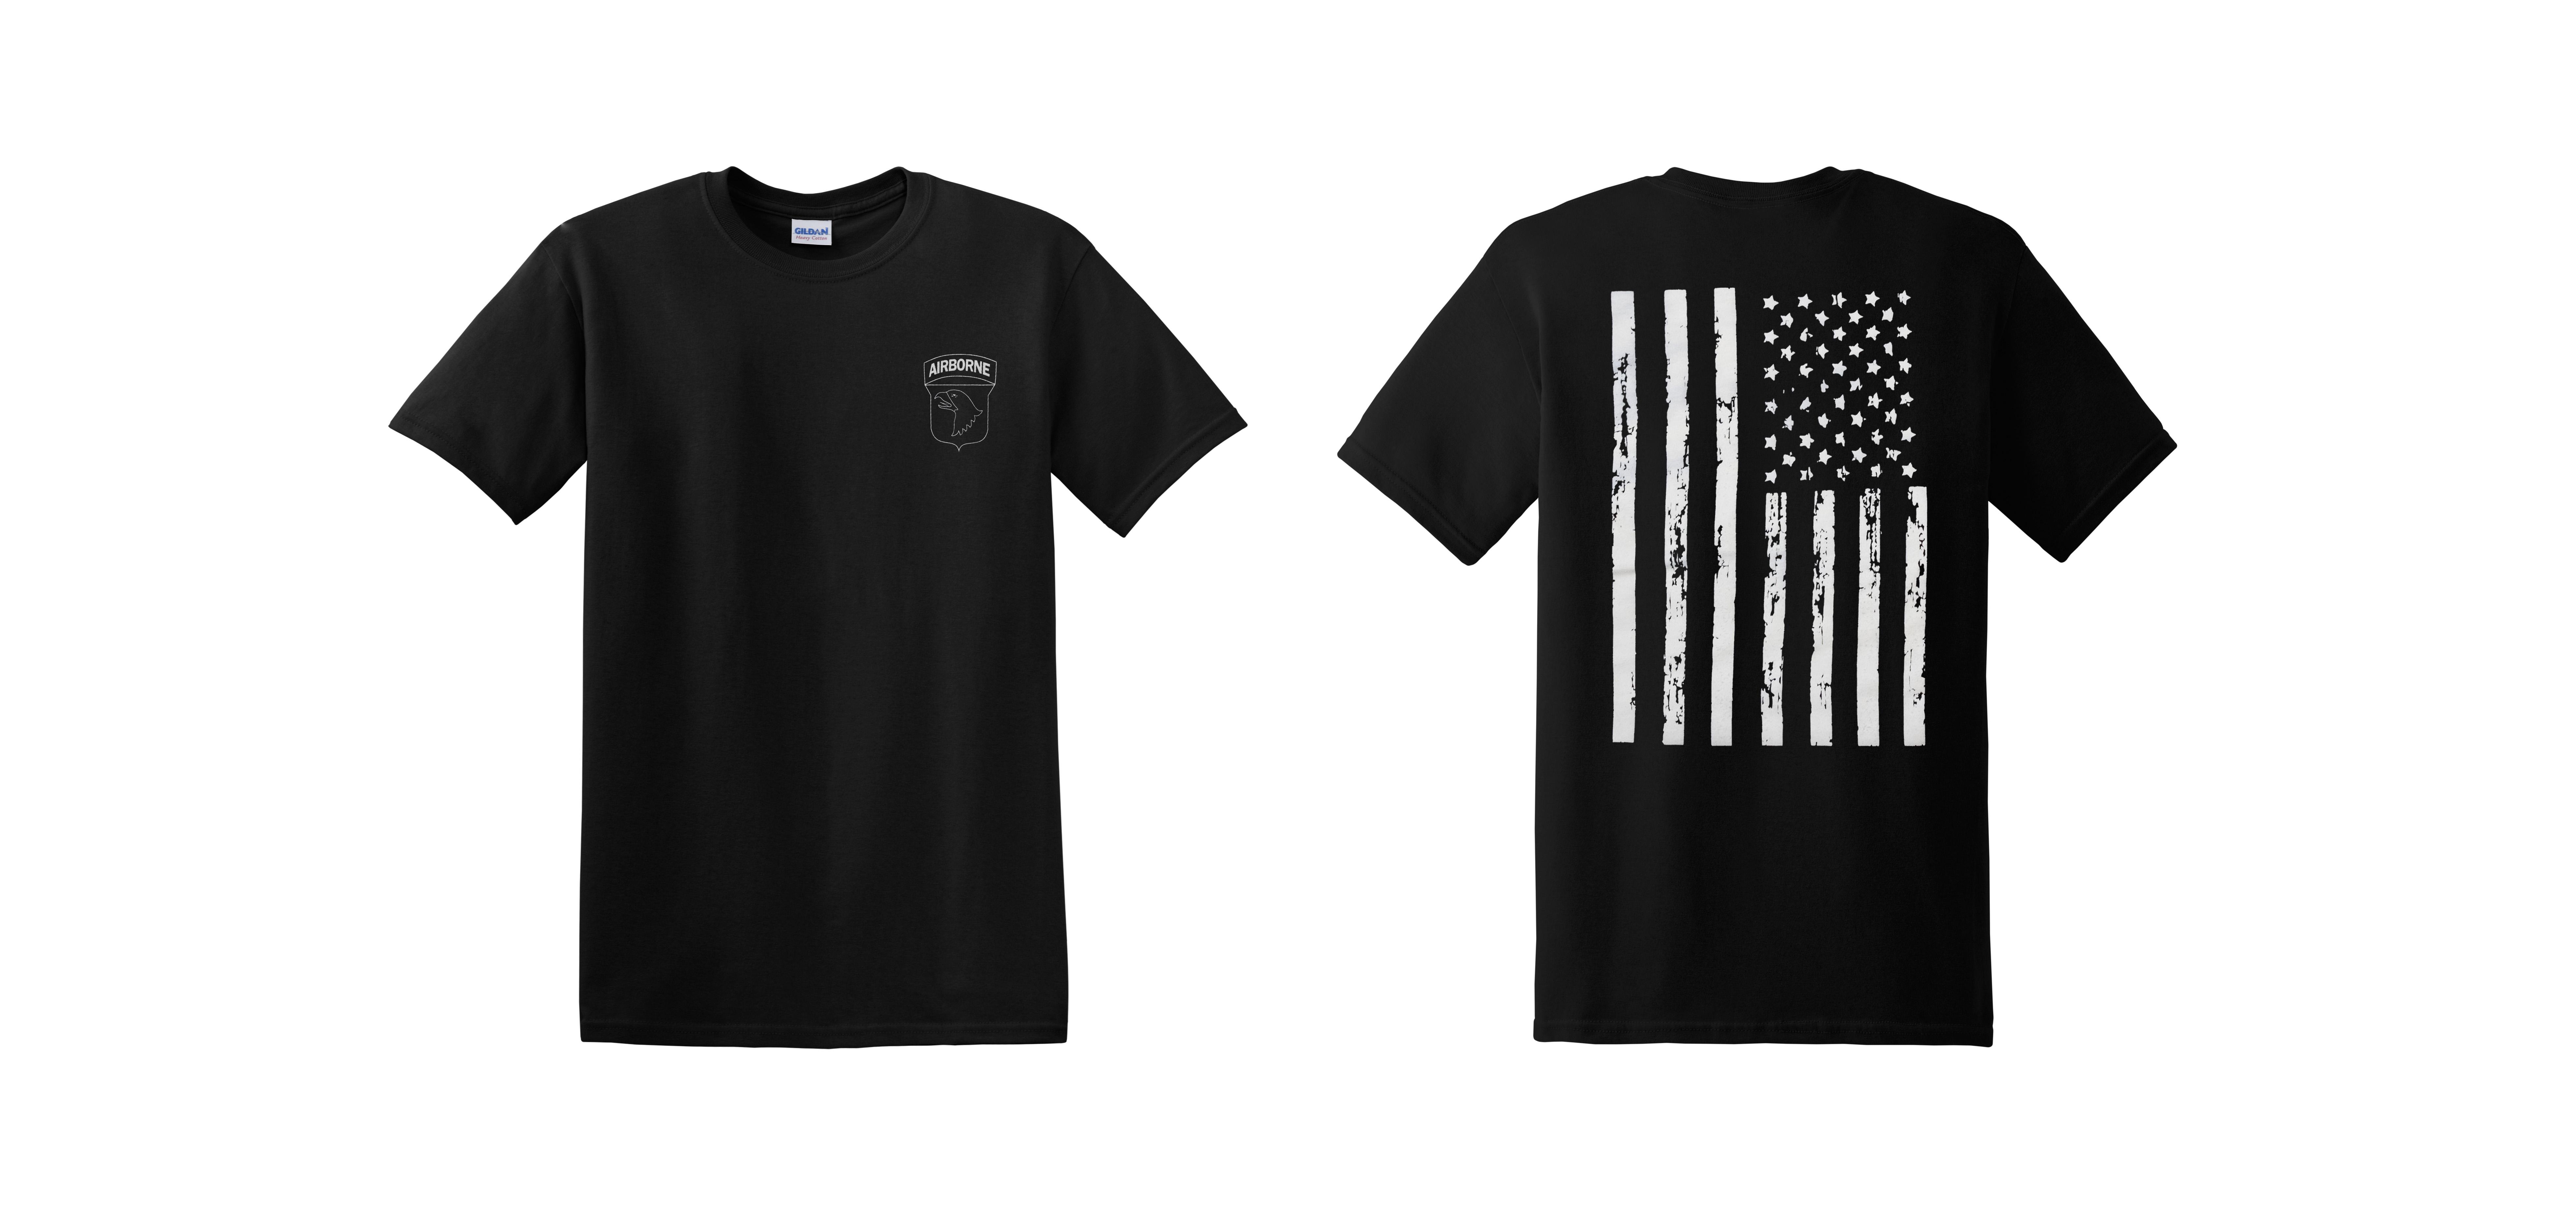 dff6c4b269df One Color Airborne Patch 100% Ringspun Cotton T-Shirt – D & D ...